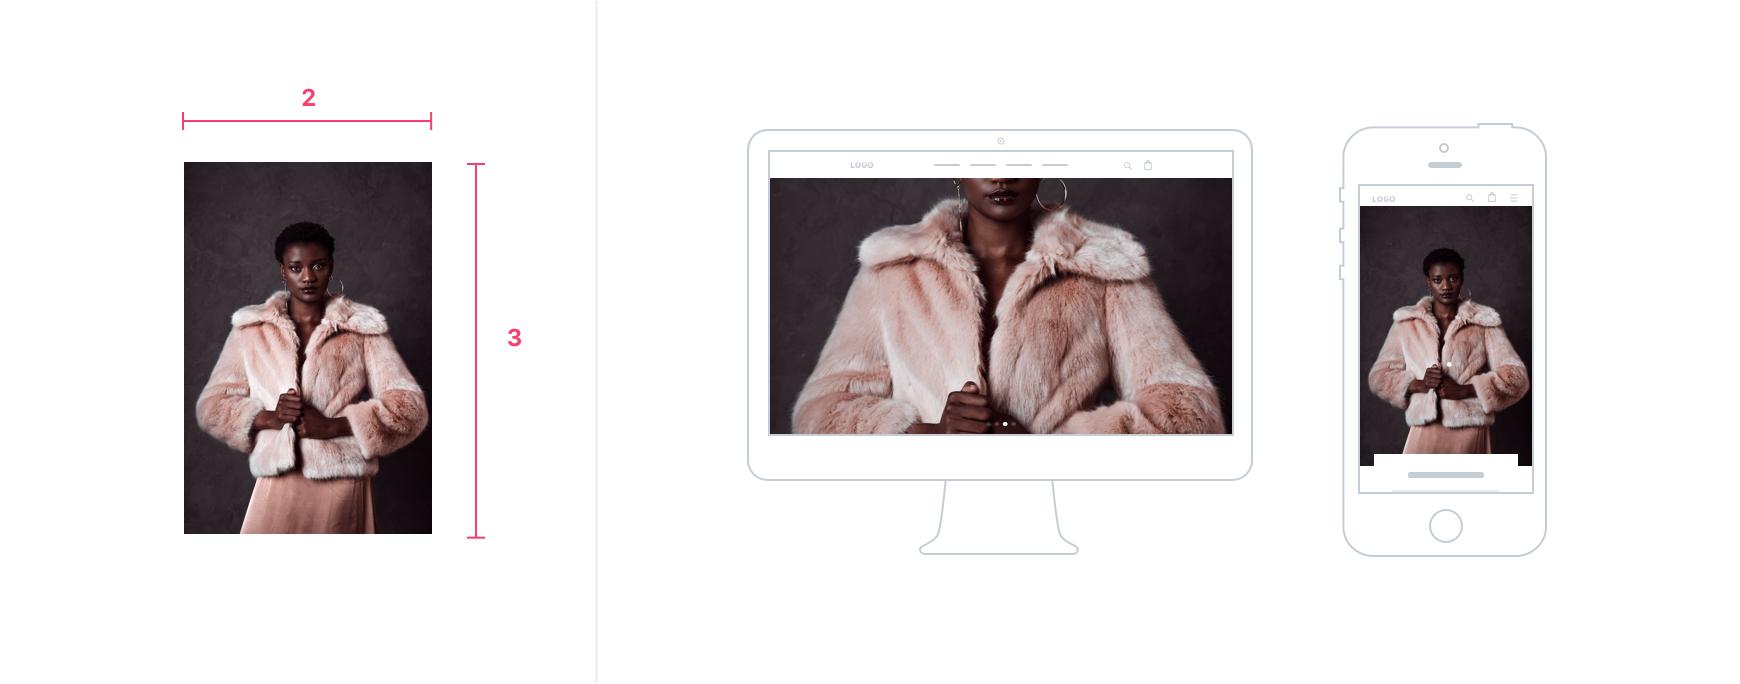 高いスライドがデスクトップとモバイル端末に表示されます。画像はデスクトップ端末でトリミングされますが、モバイル端末でトリミングされません。